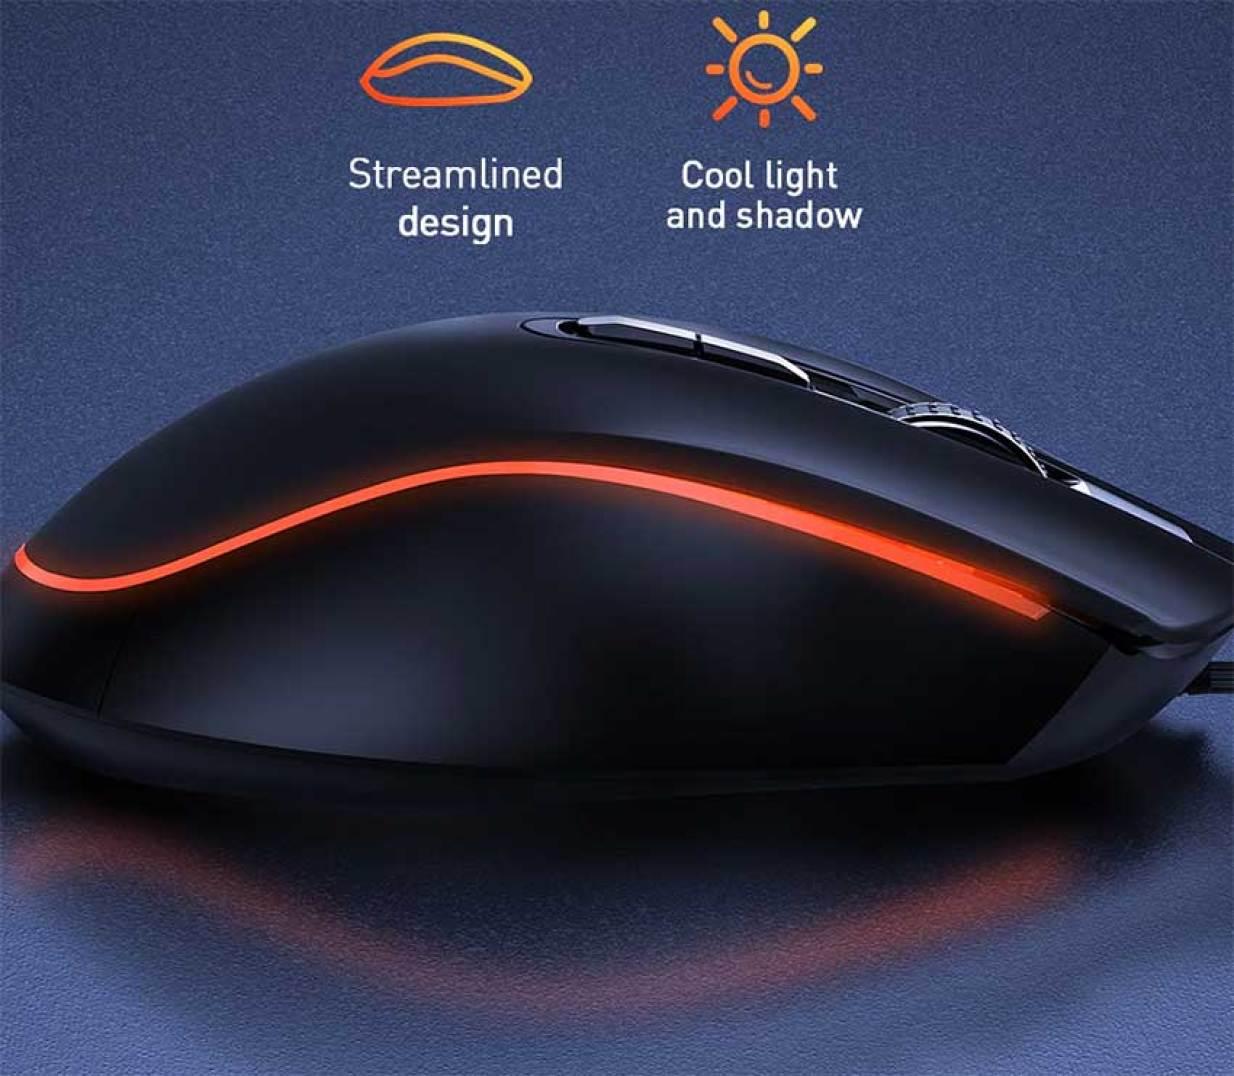 Baseus-Gaming-Mouse-Price-in-bd.jpg?1597